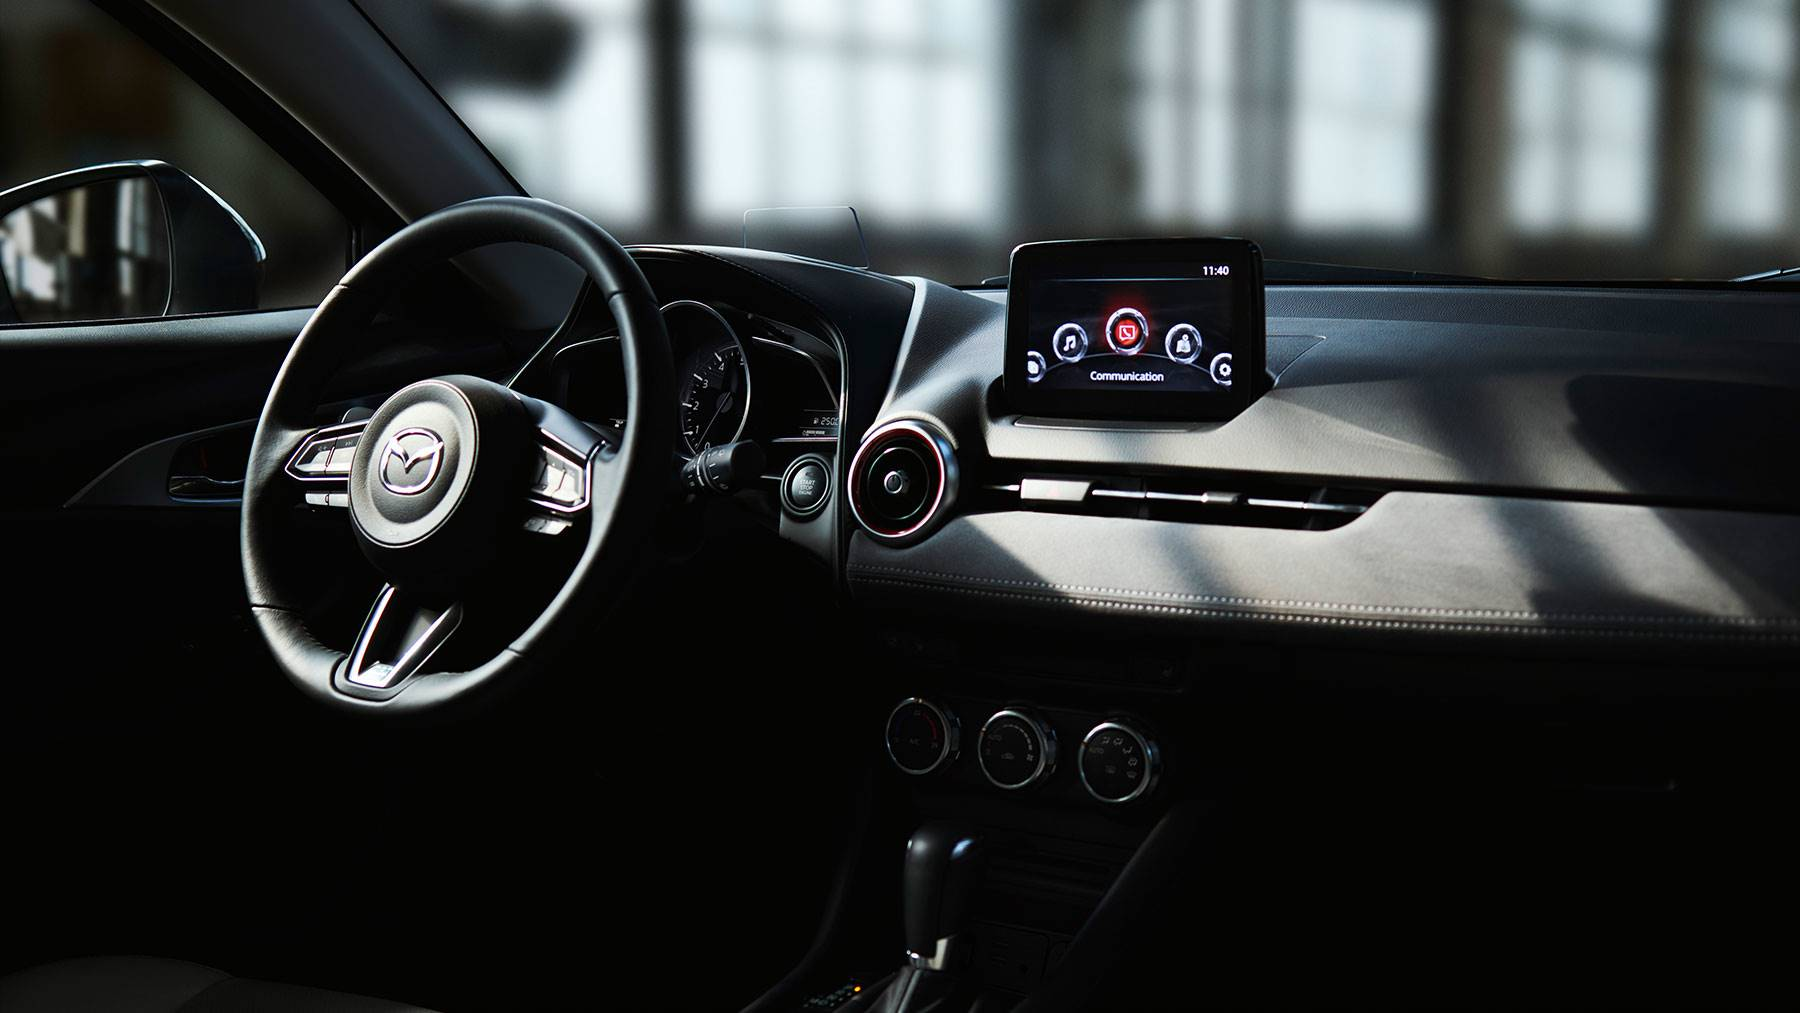 Interior of the 2019 Mazda CX-3